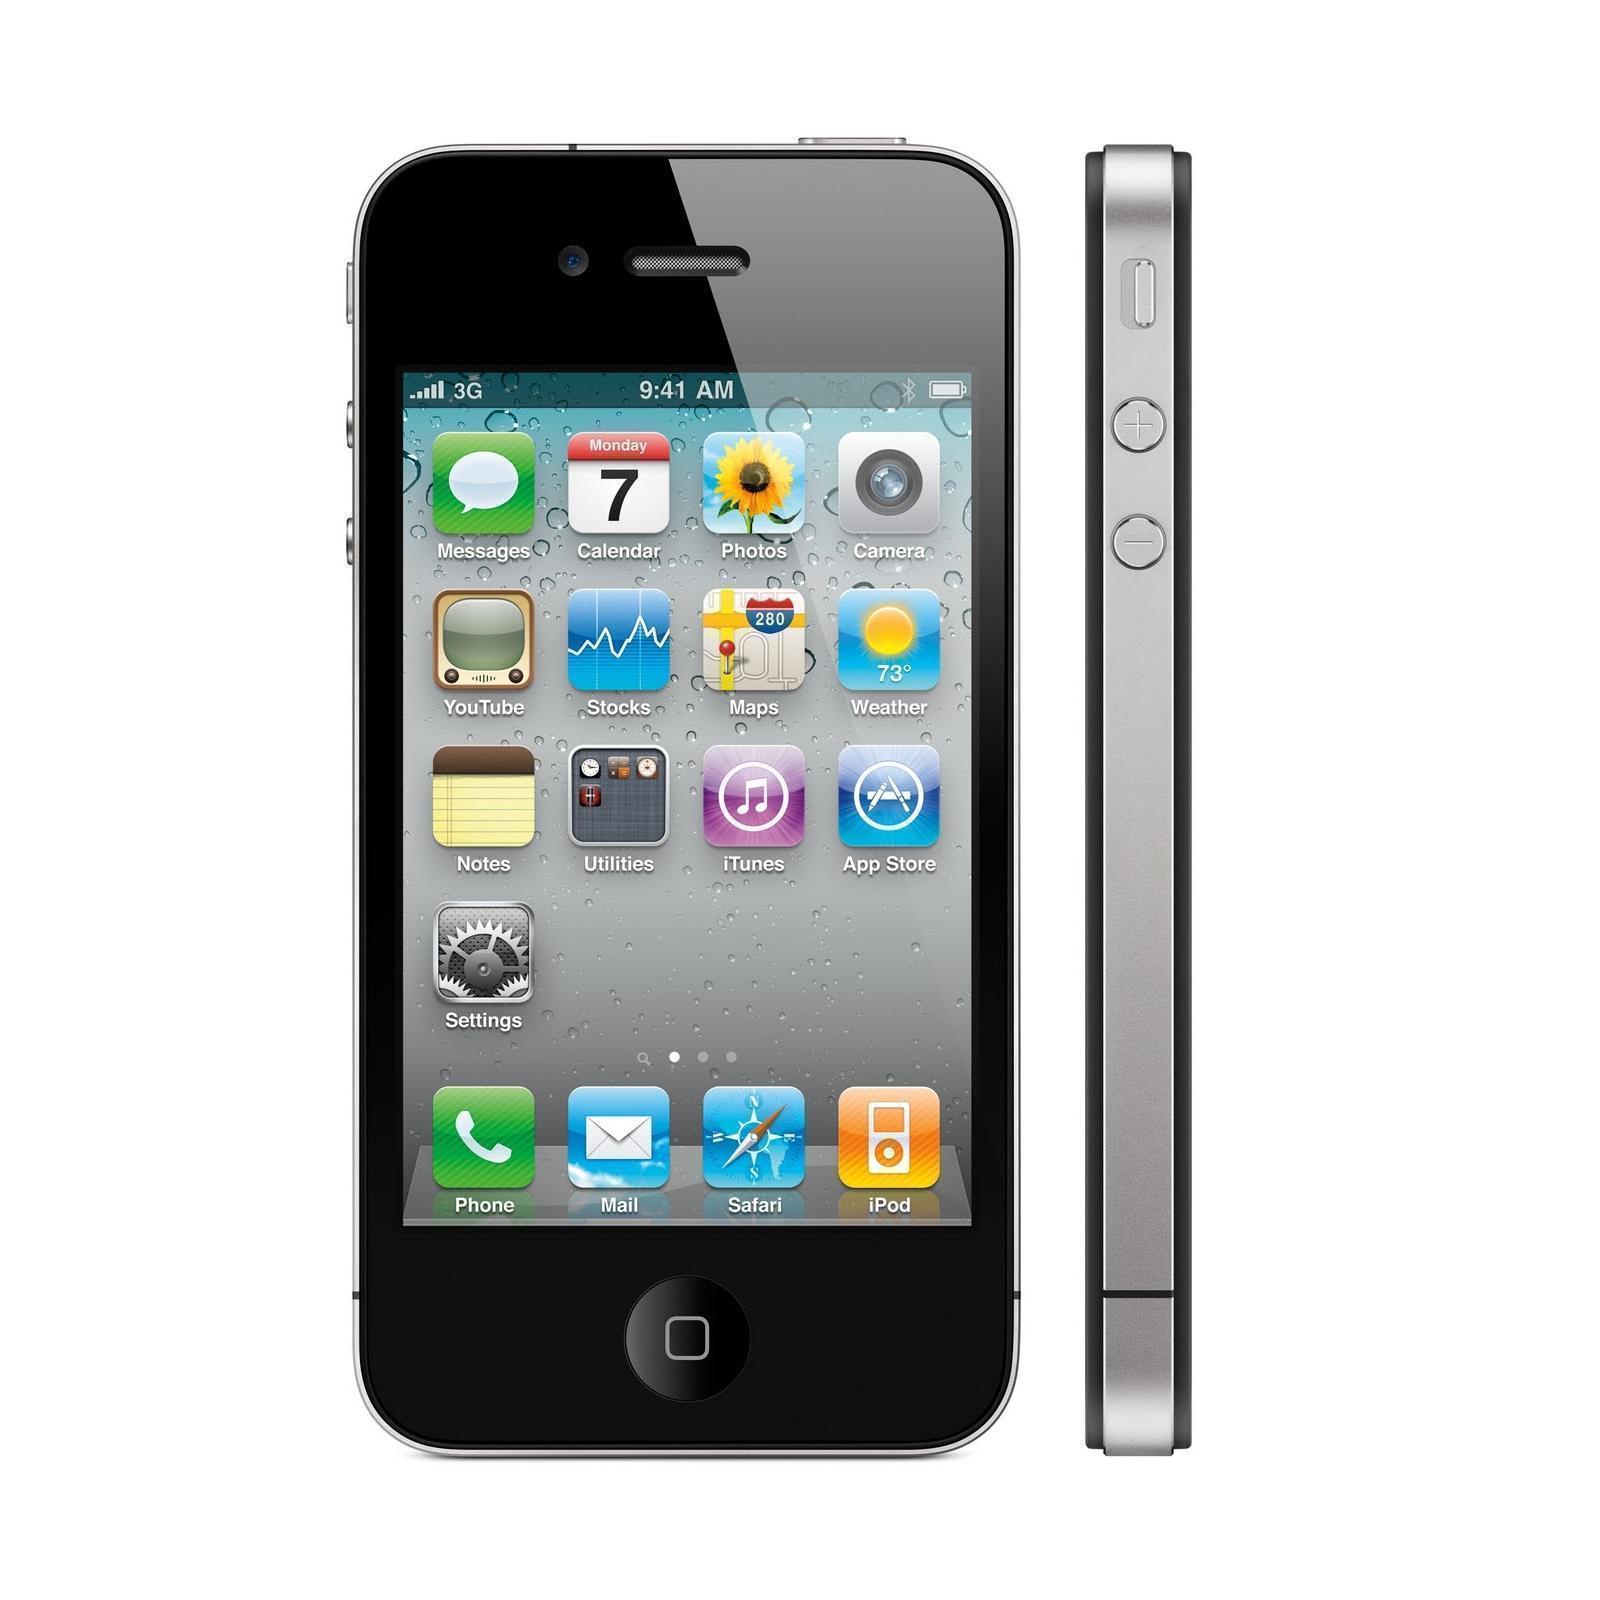 iPhone 4S 8 Go - Noir - Débloqué